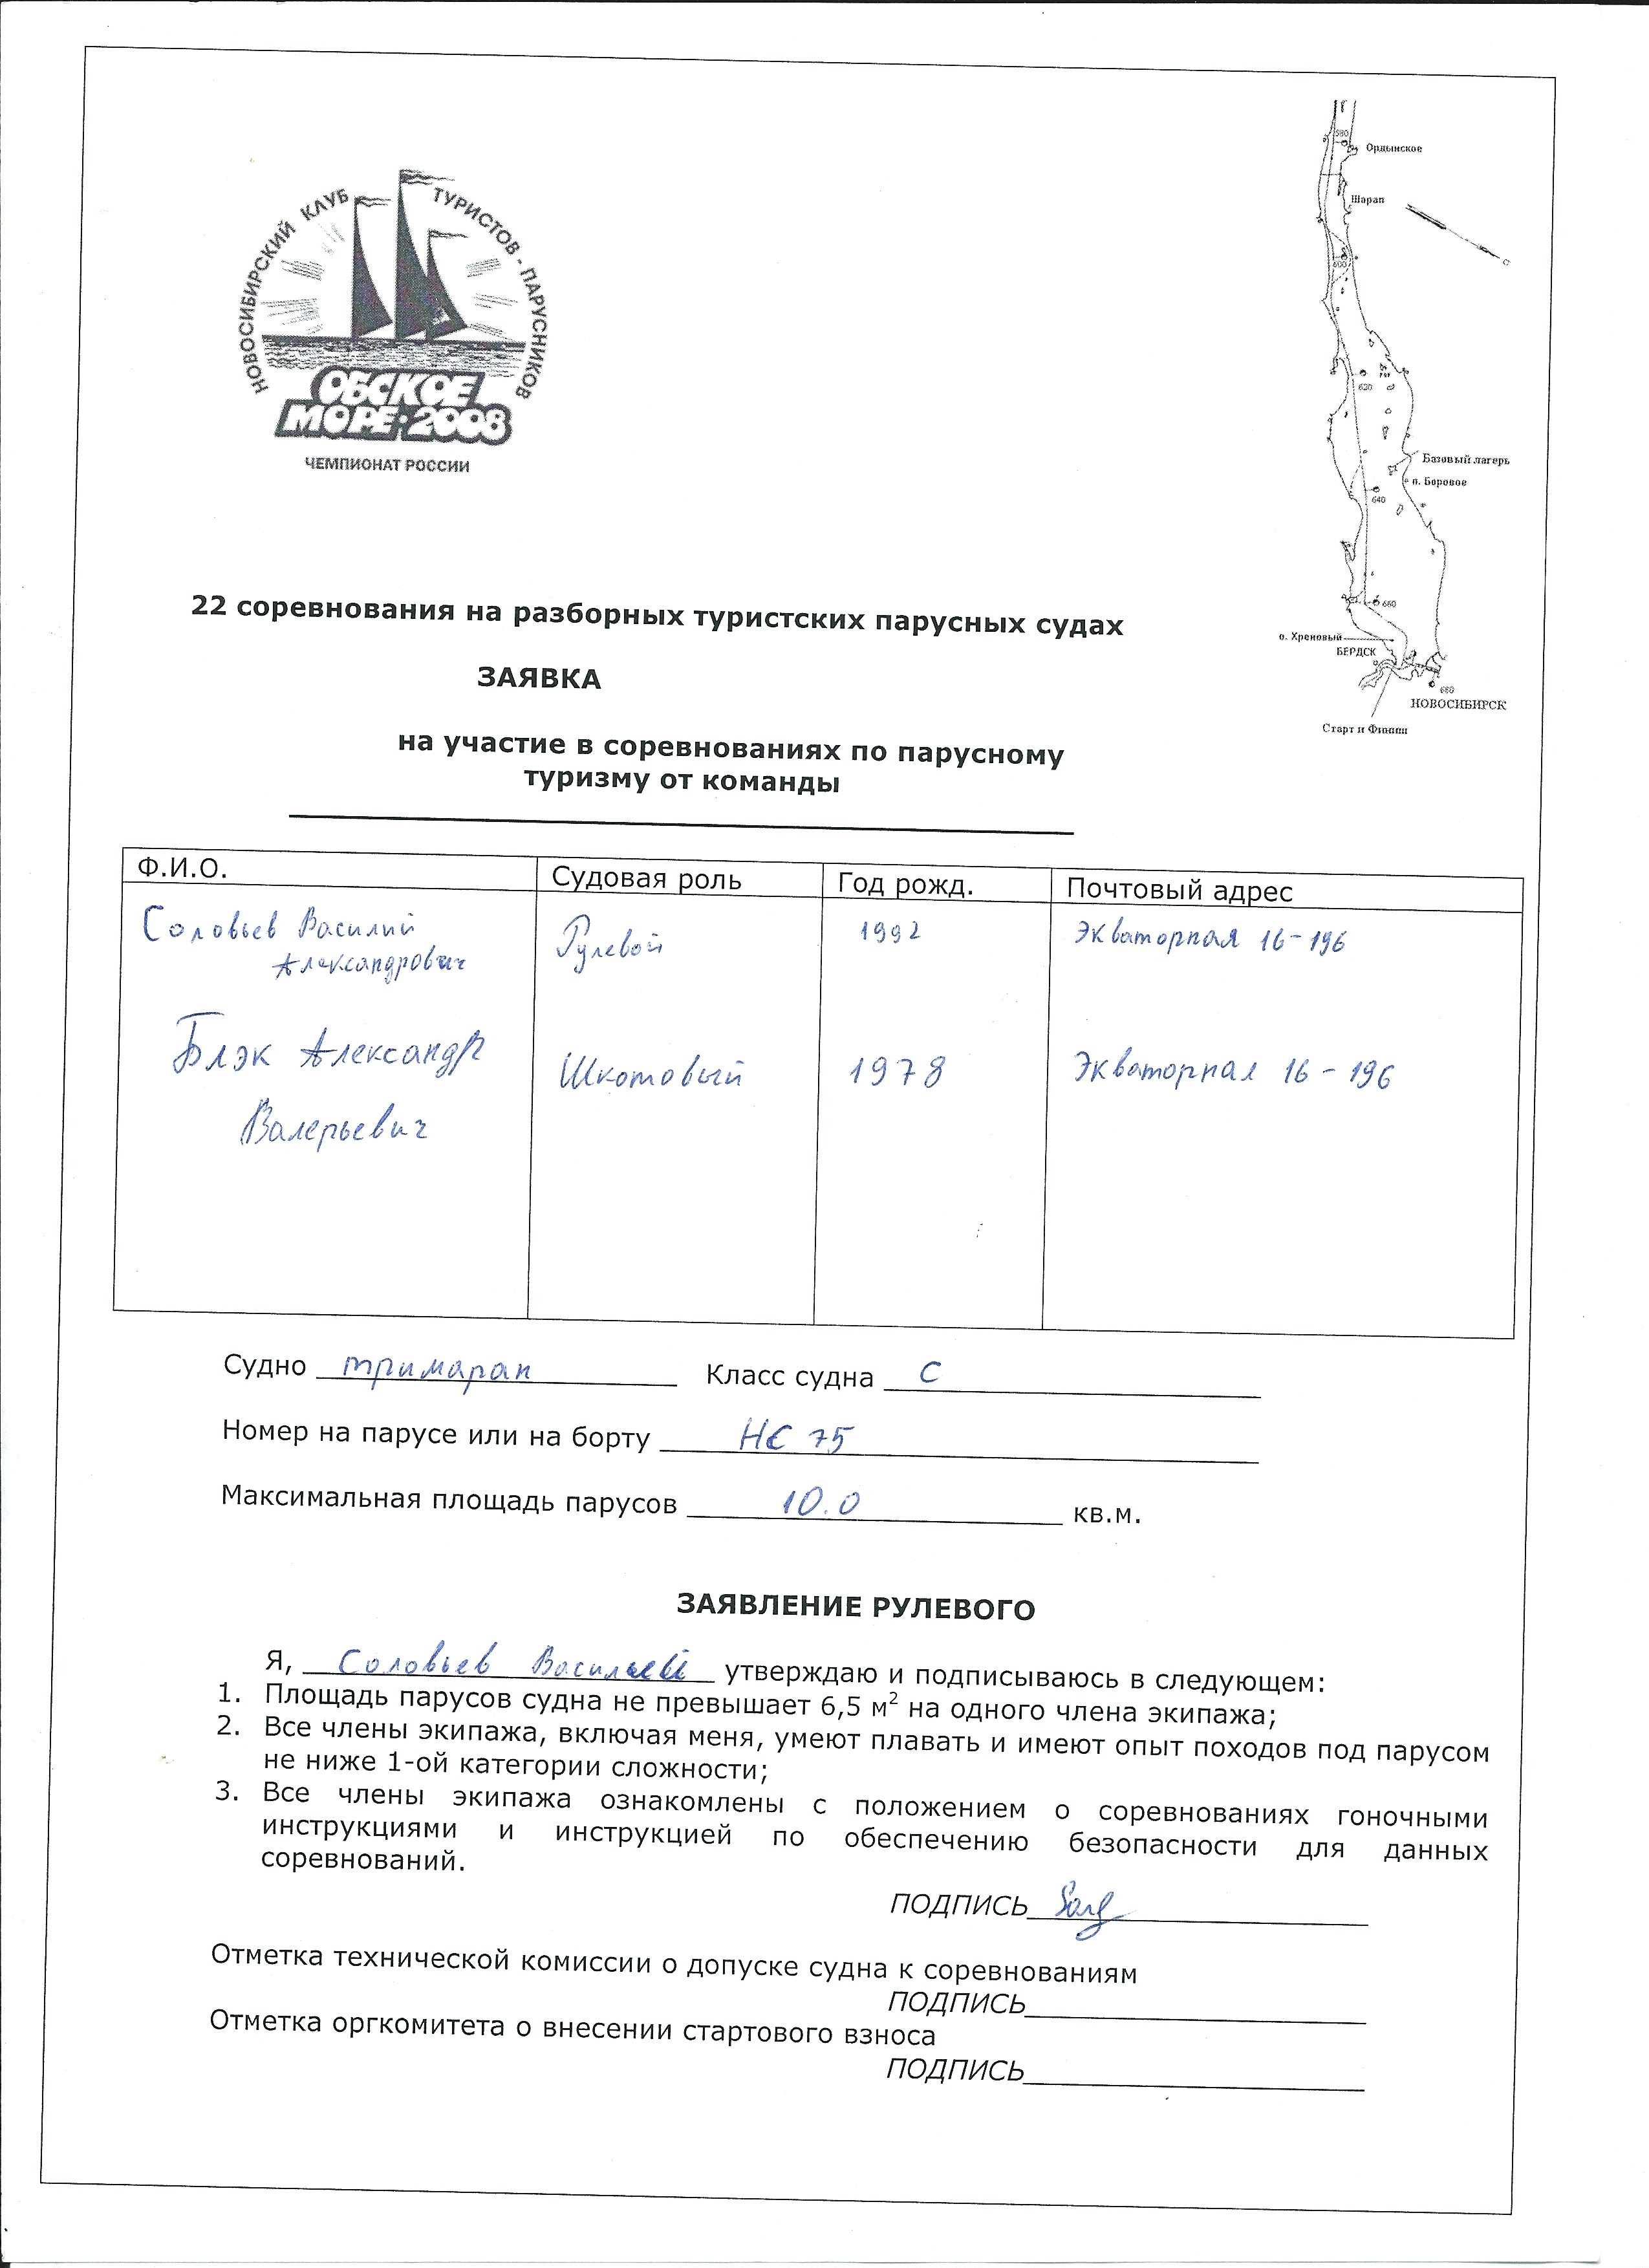 Соловьев В.А.